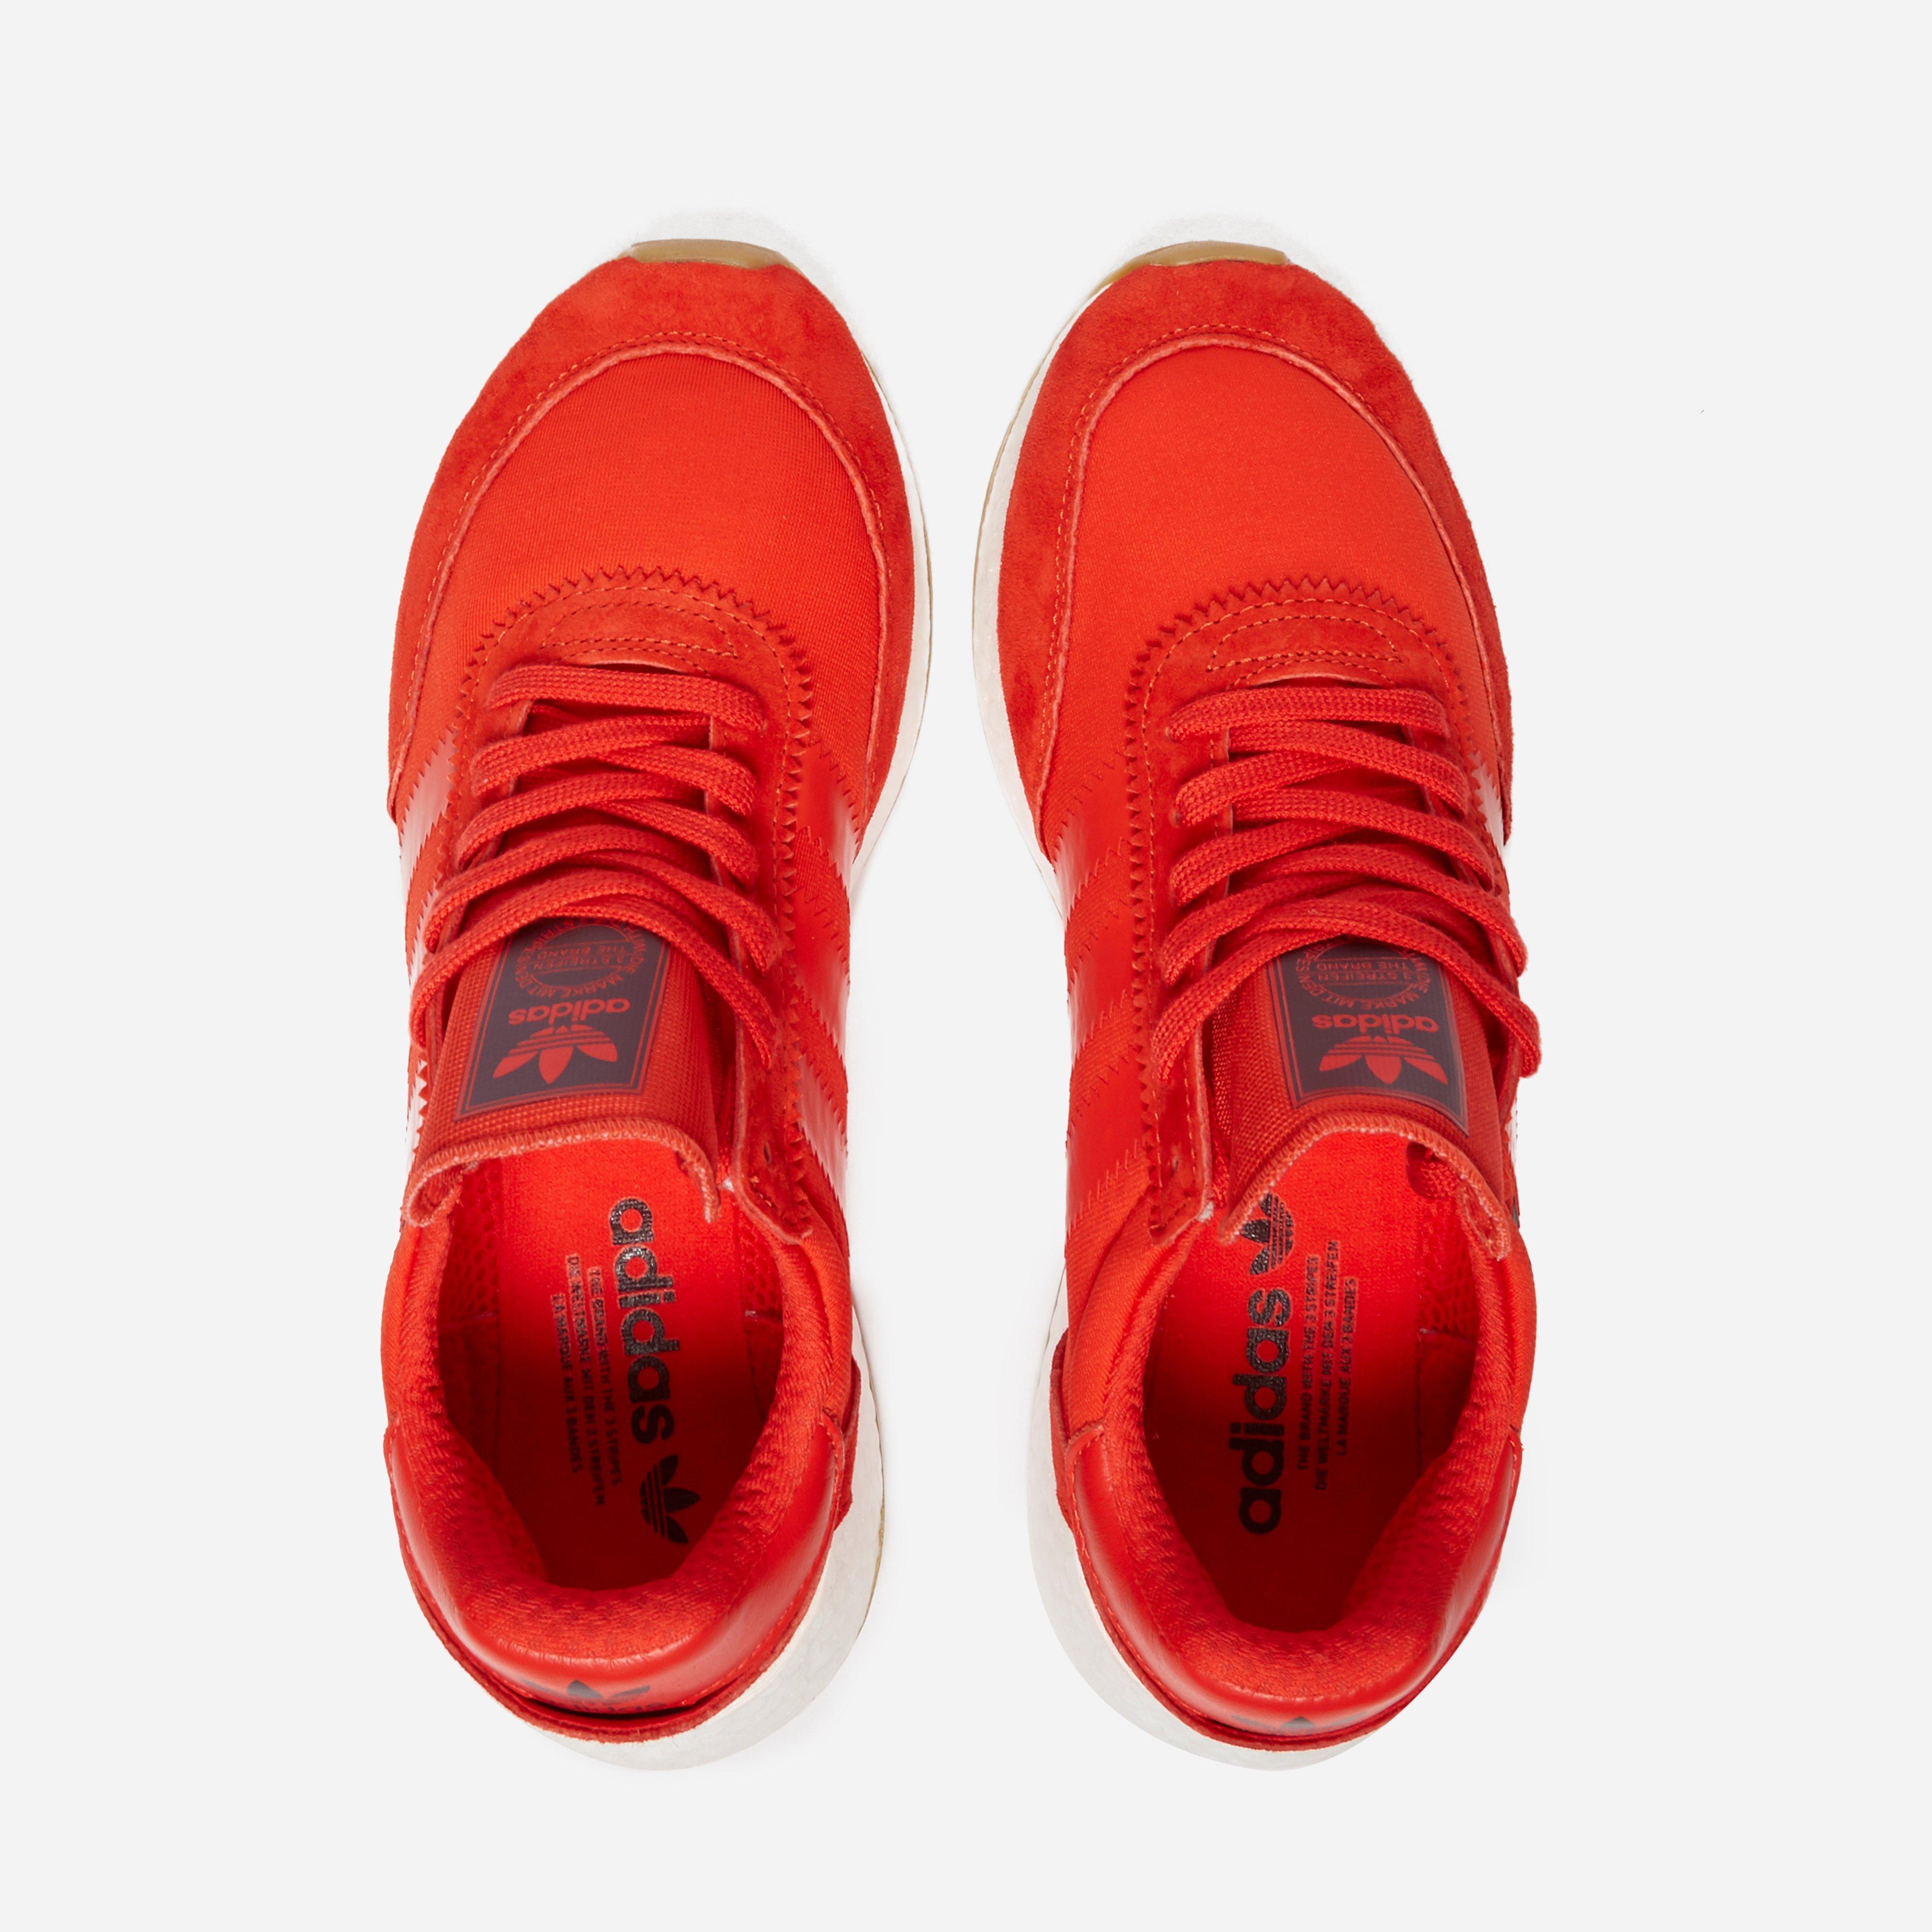 lyst adidas originali - 5923 in rosso per gli uomini.